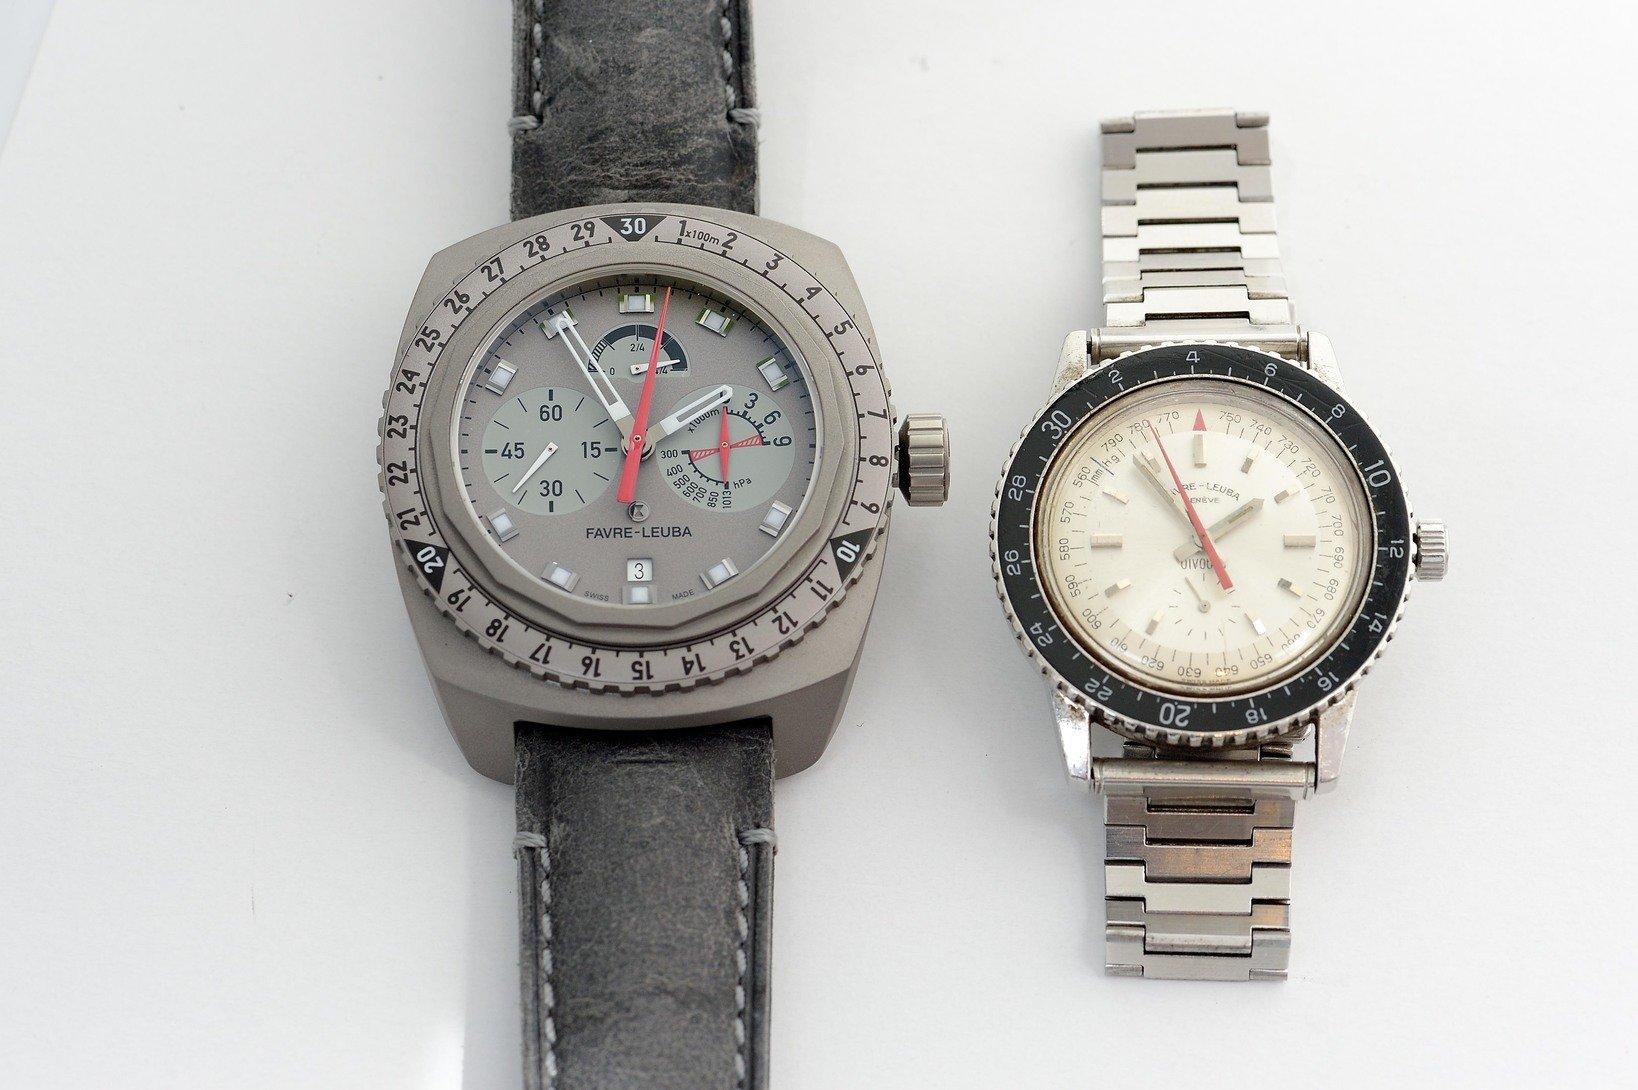 左が今回贈呈された「レイダー・ビバーク 9000」。右がエベレスト登頂の際に実際用いられた田部井家の「ビバーク」。なお、この時計は40年以上経った現在も稼働する。